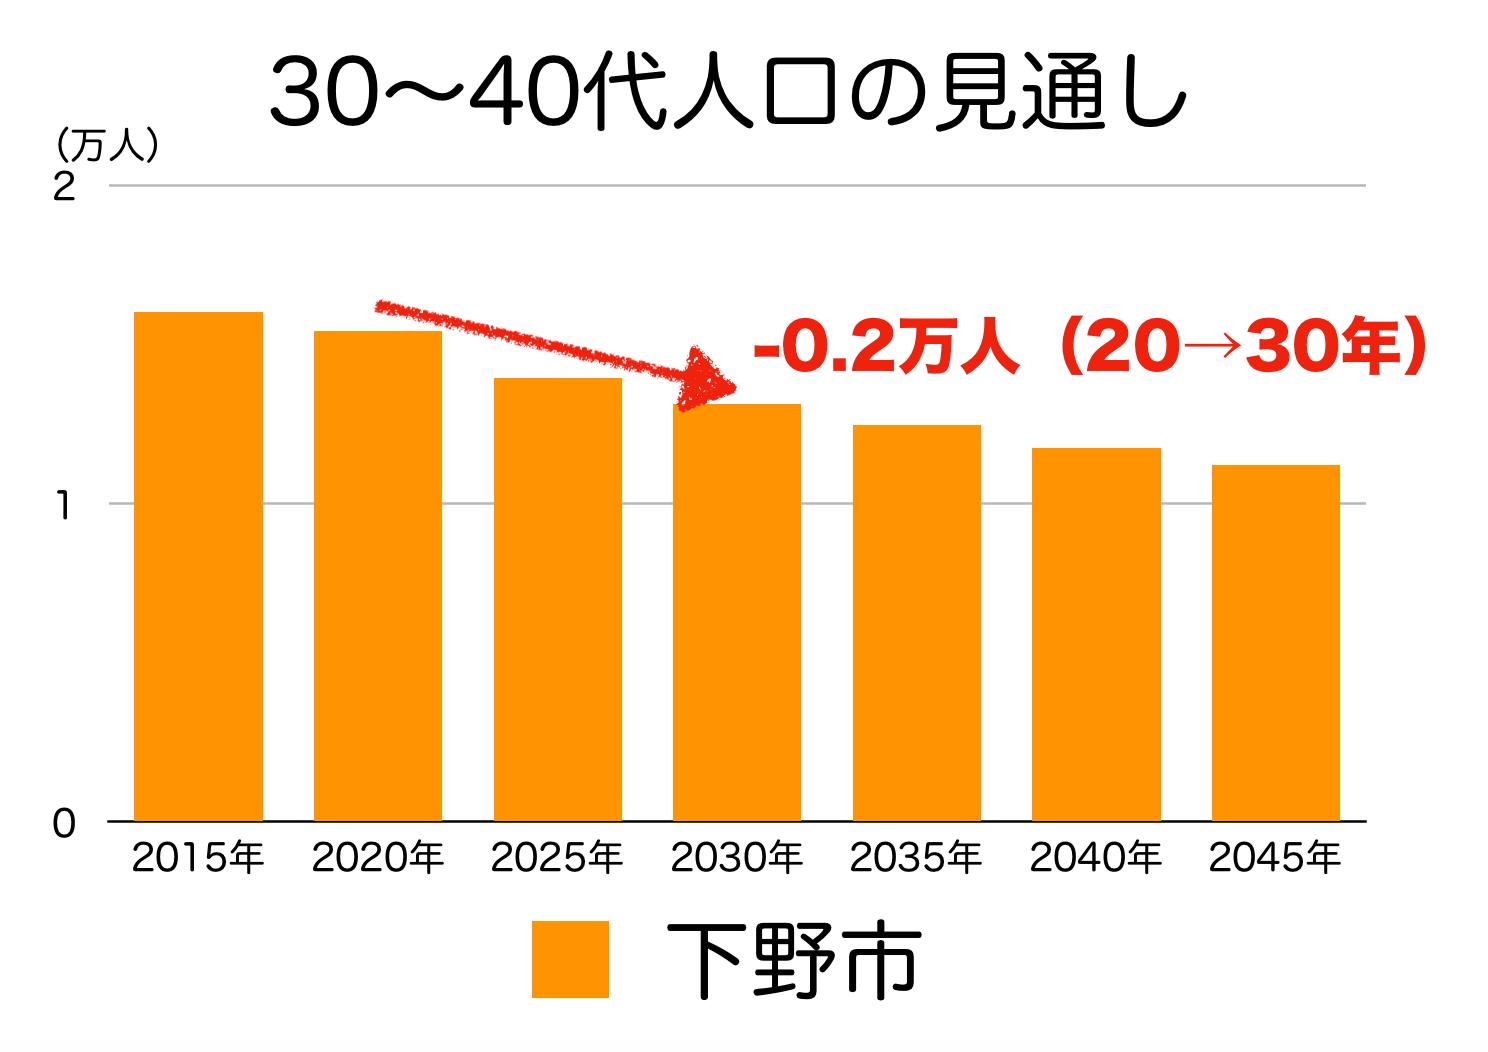 下野市の30〜40代人口の予測